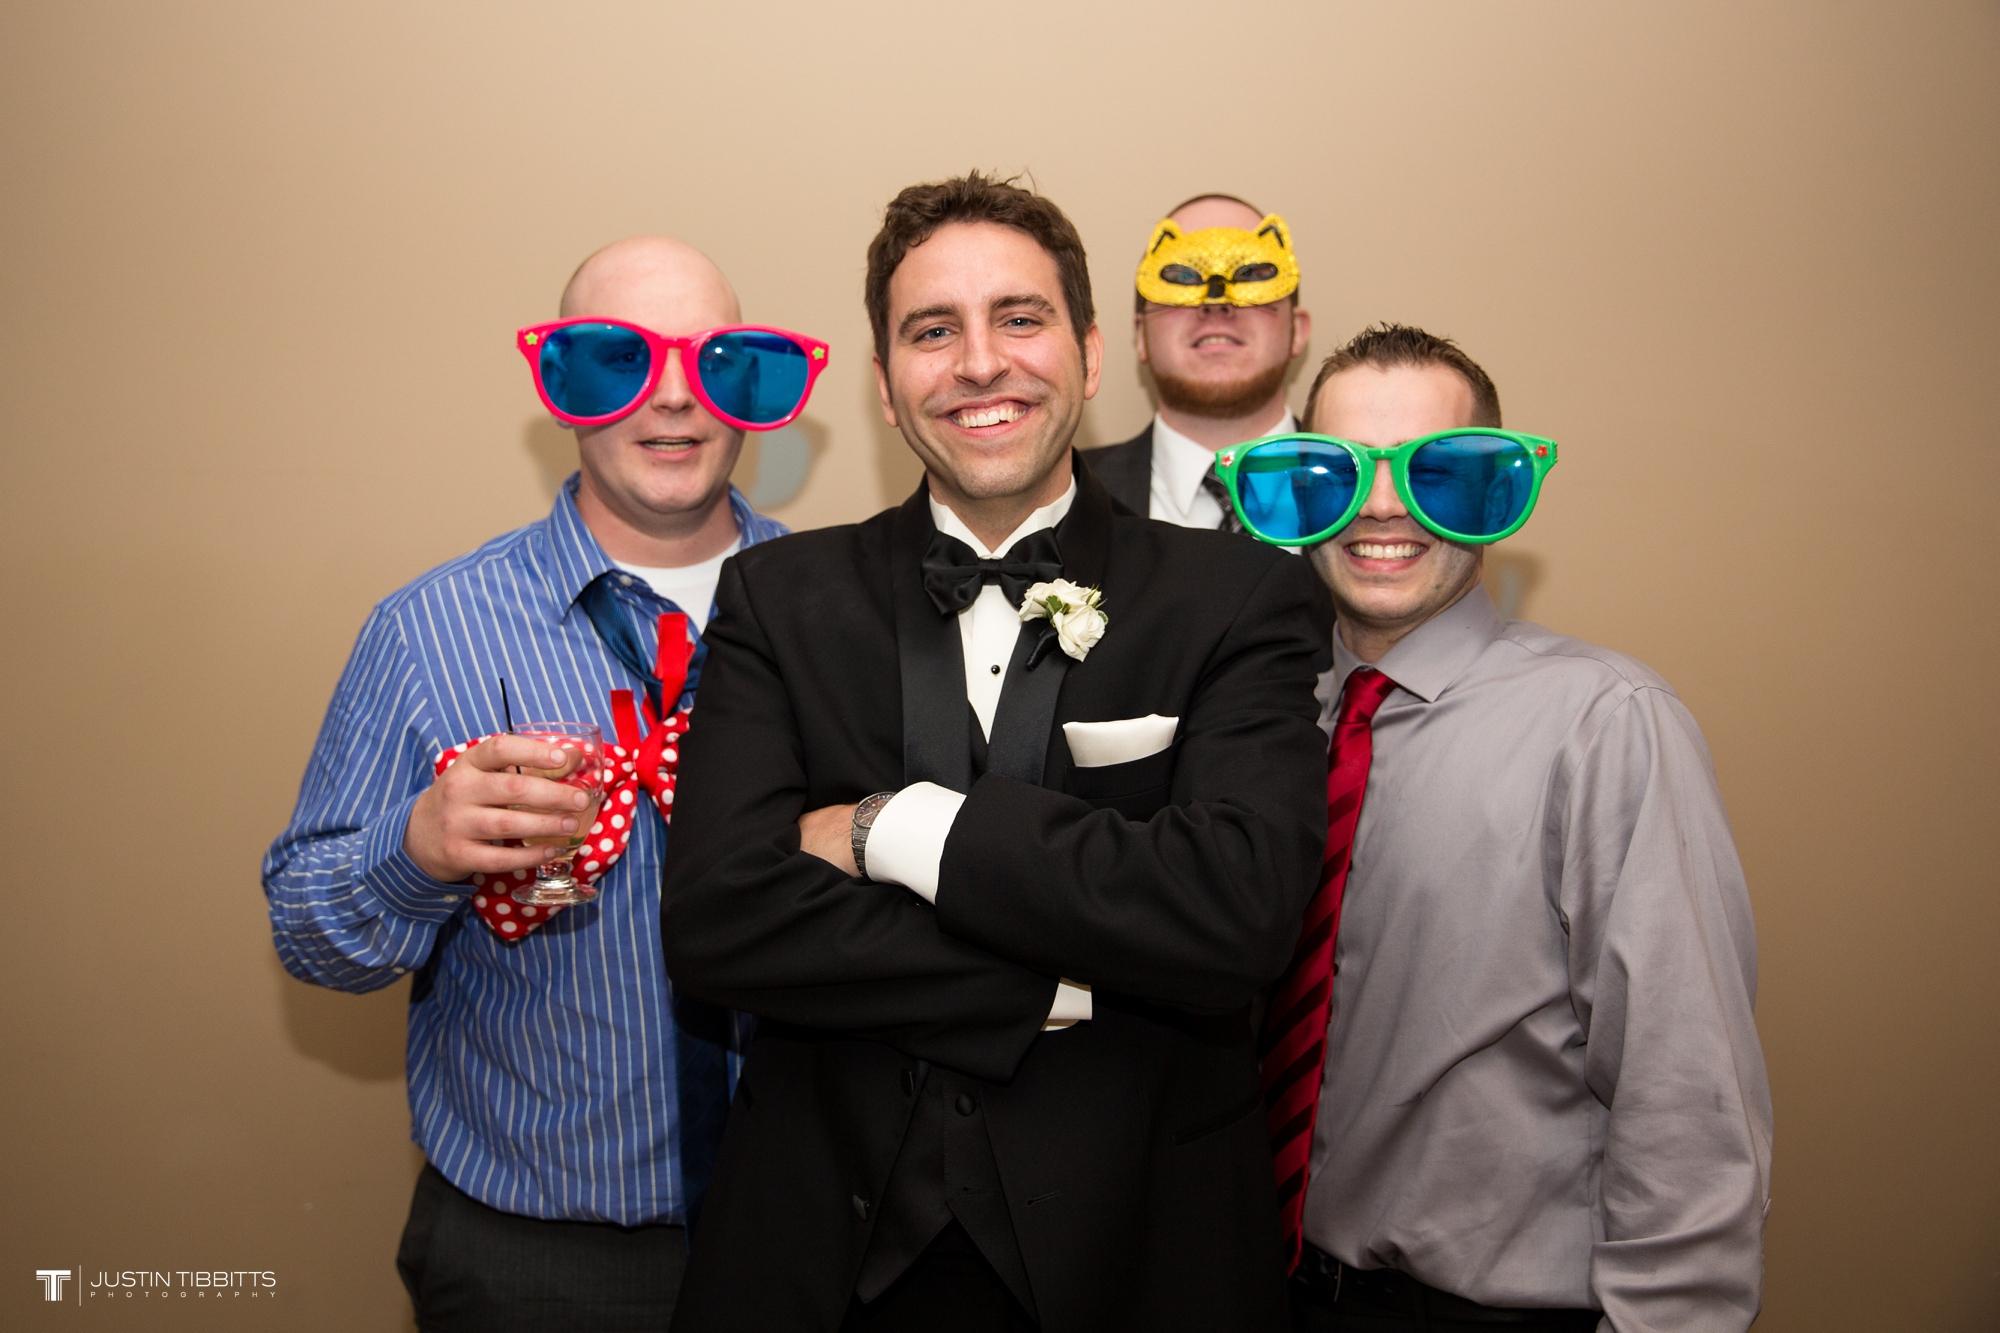 Albany NY Wedding Photographer Justin Tibbitts Photography 2014 Best of Albany NY Weddings-22Albany NY Wedding Photographer Justin Tibbitts Photography Albany NY Best of Weddings6